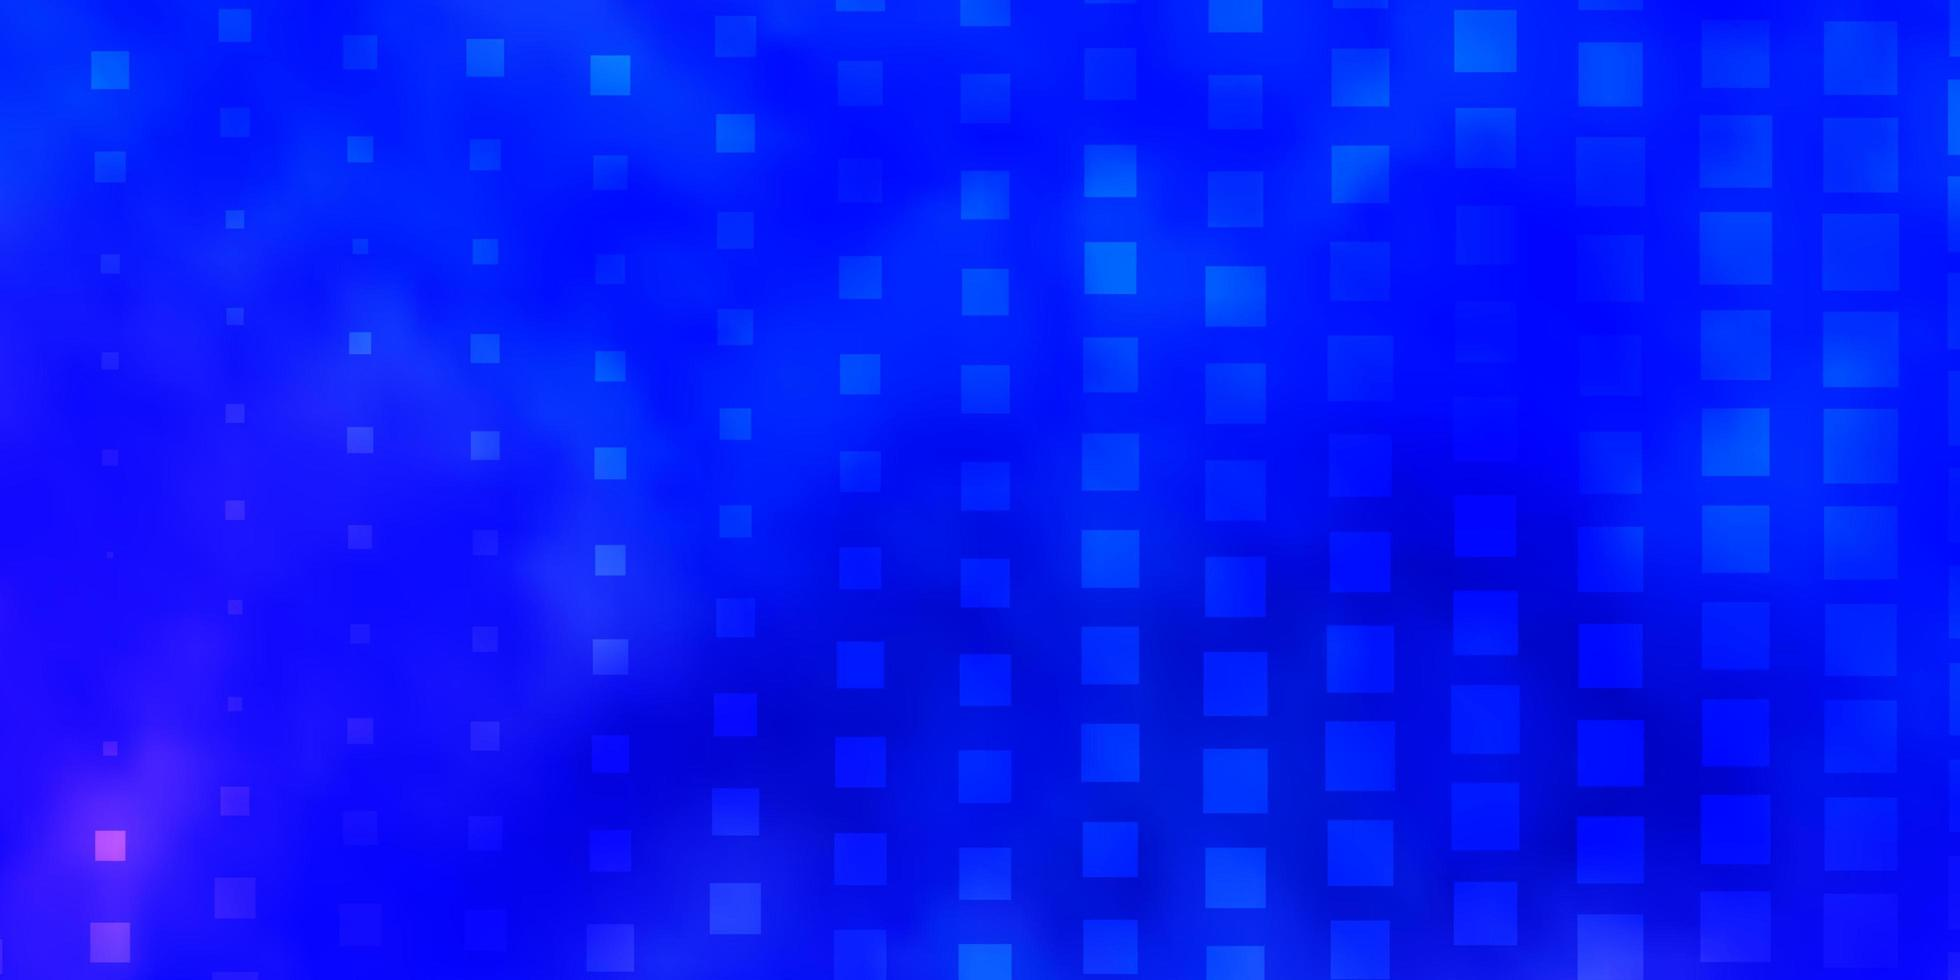 fond de vecteur bleu clair dans un style polygonal.